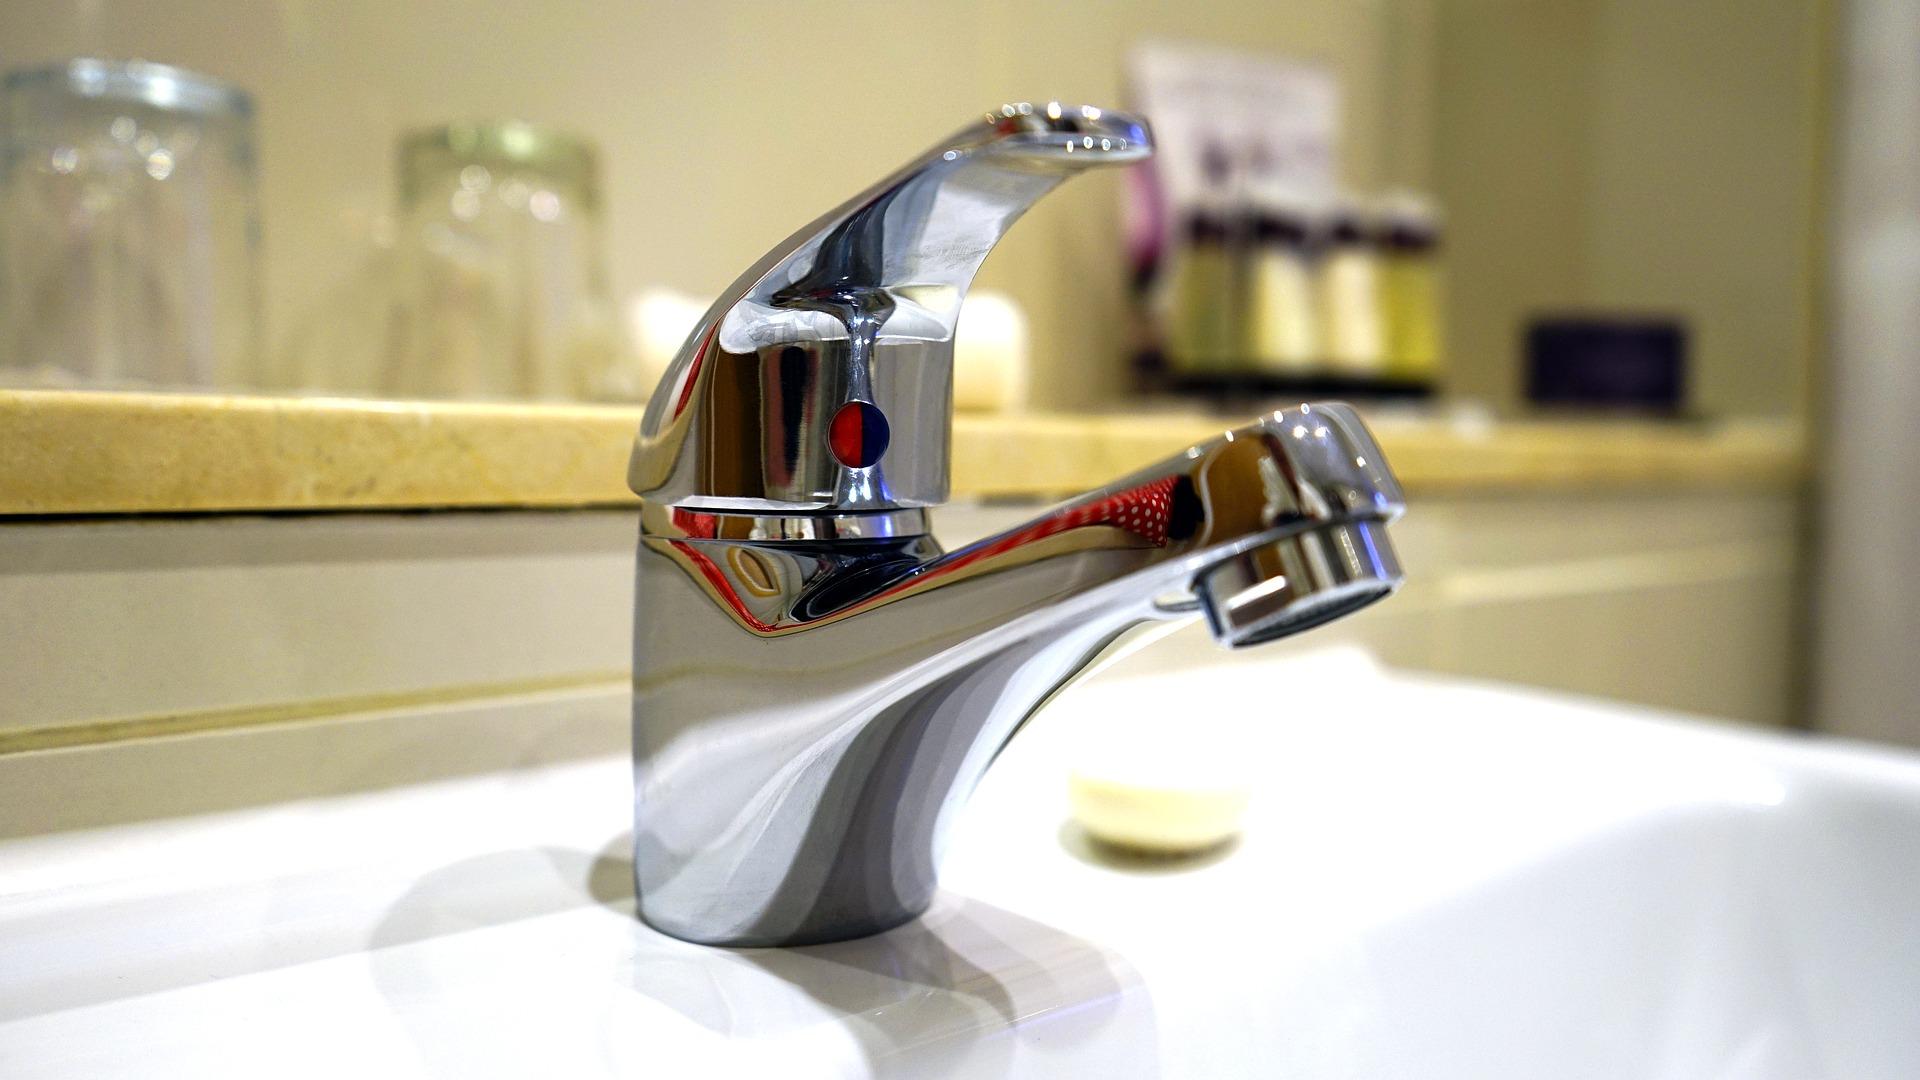 Ehrfürchtig Wasserhahn Zudrehen Richtung Design